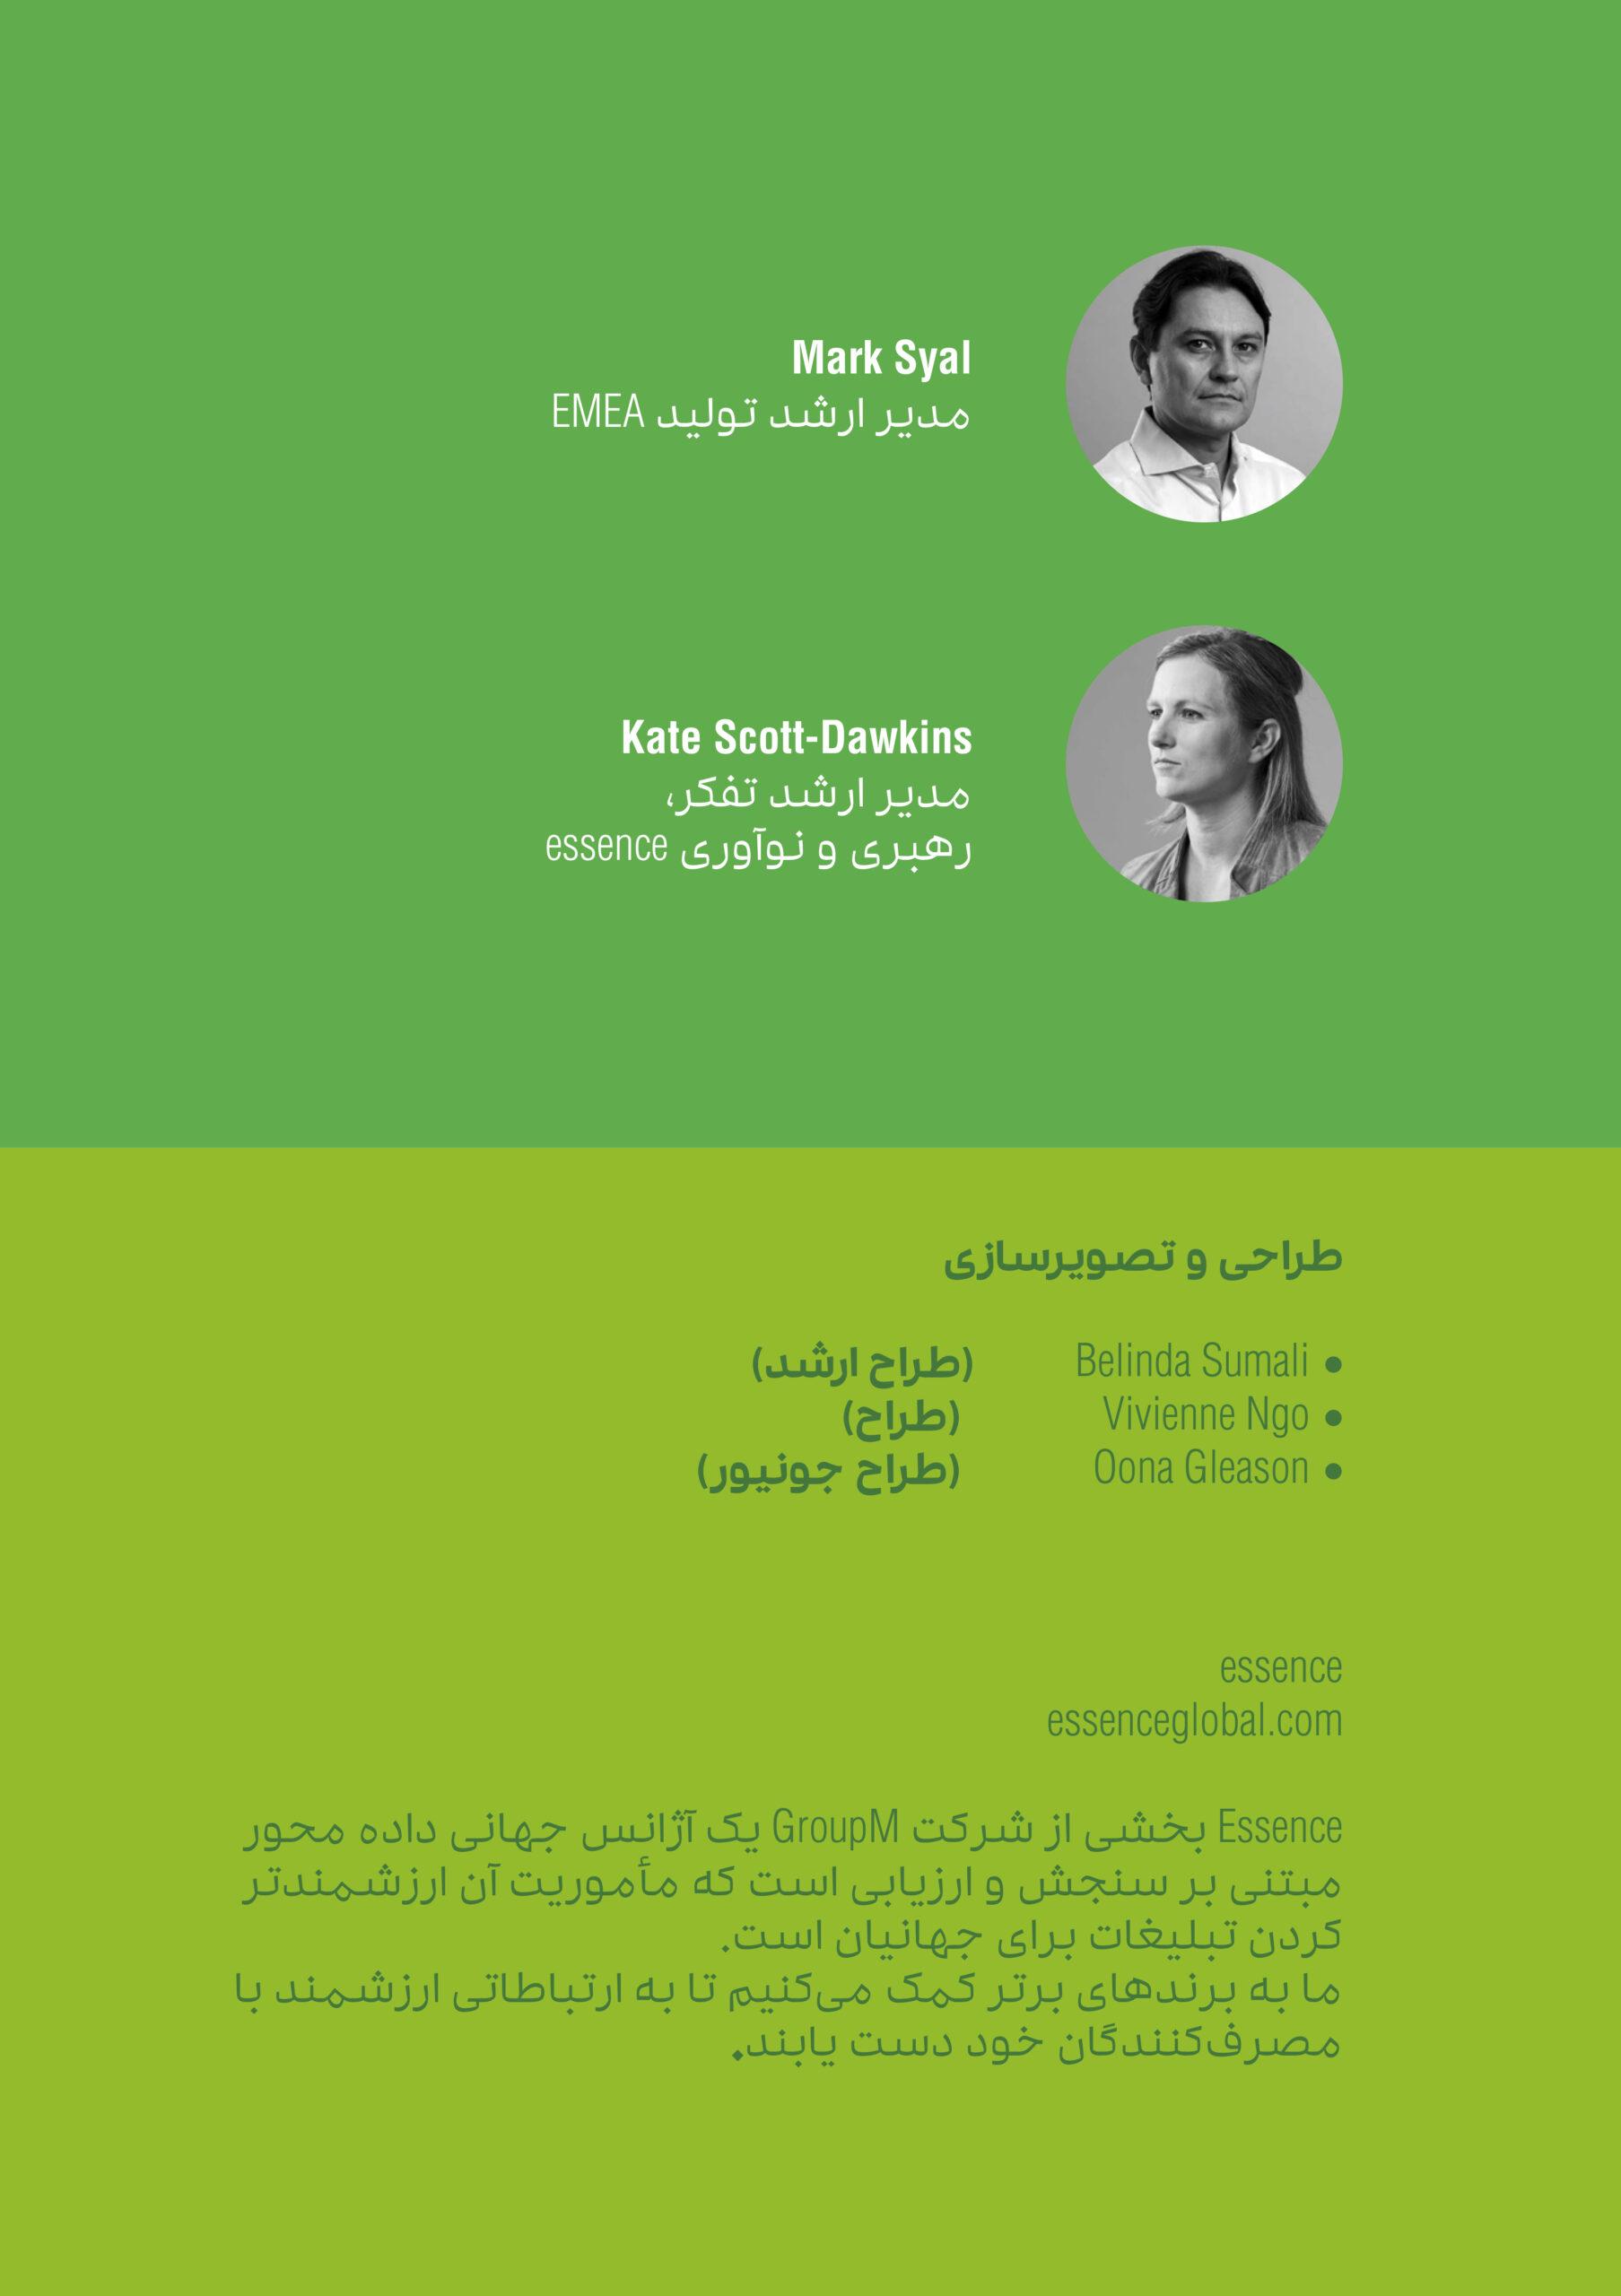 برگههای سبز ایران ادز ۳